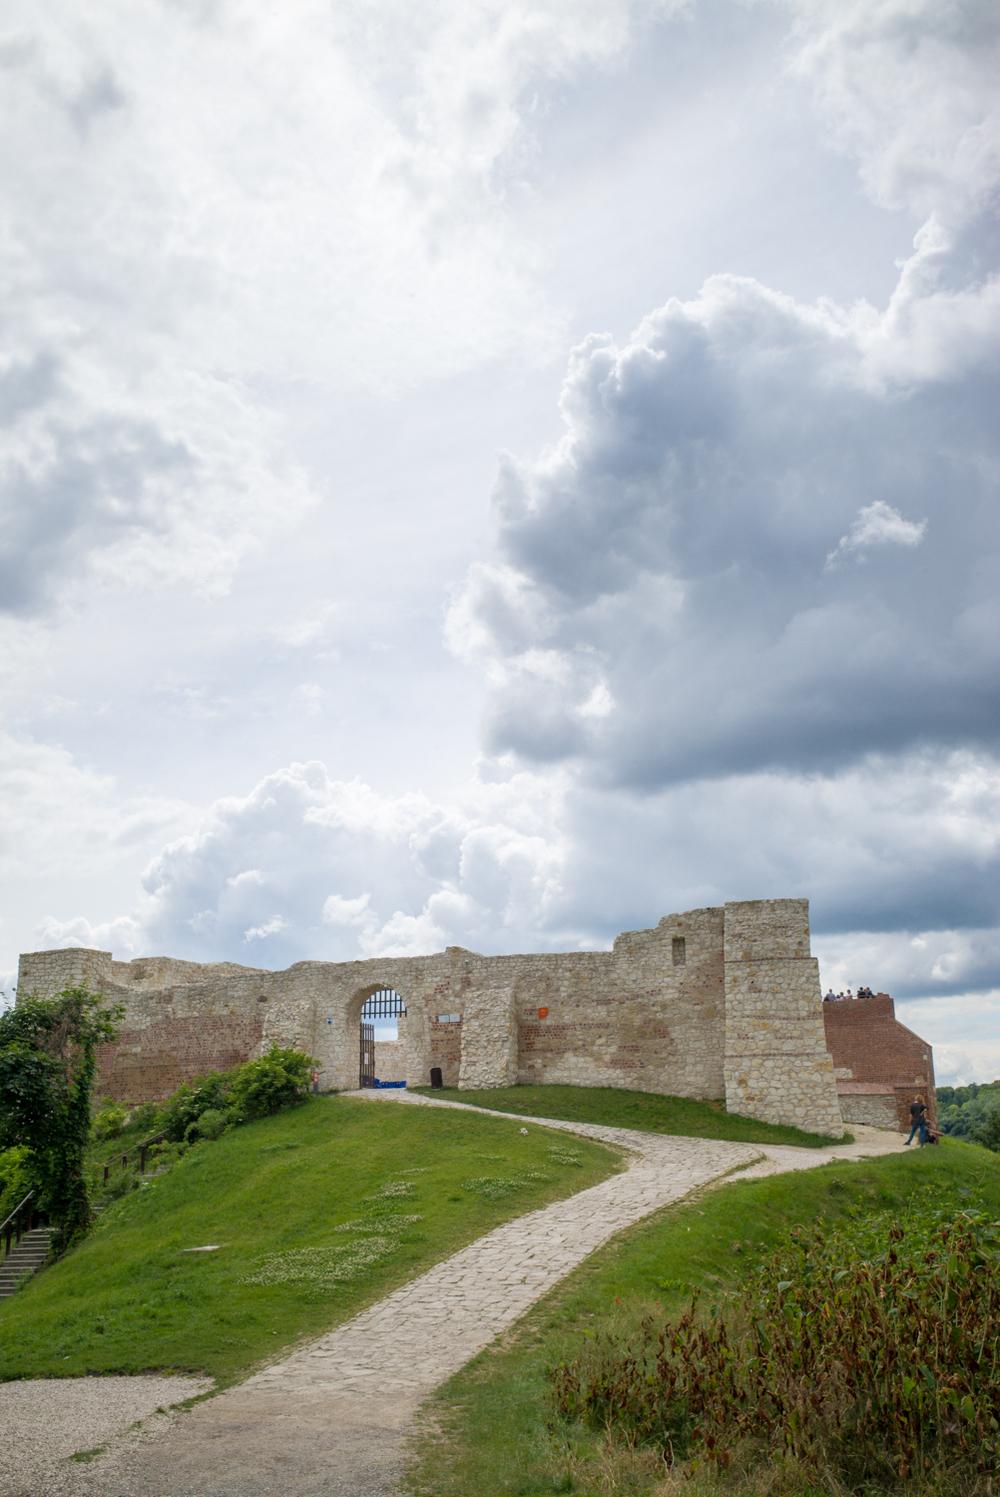 A Trip to Kazimierz Dolny